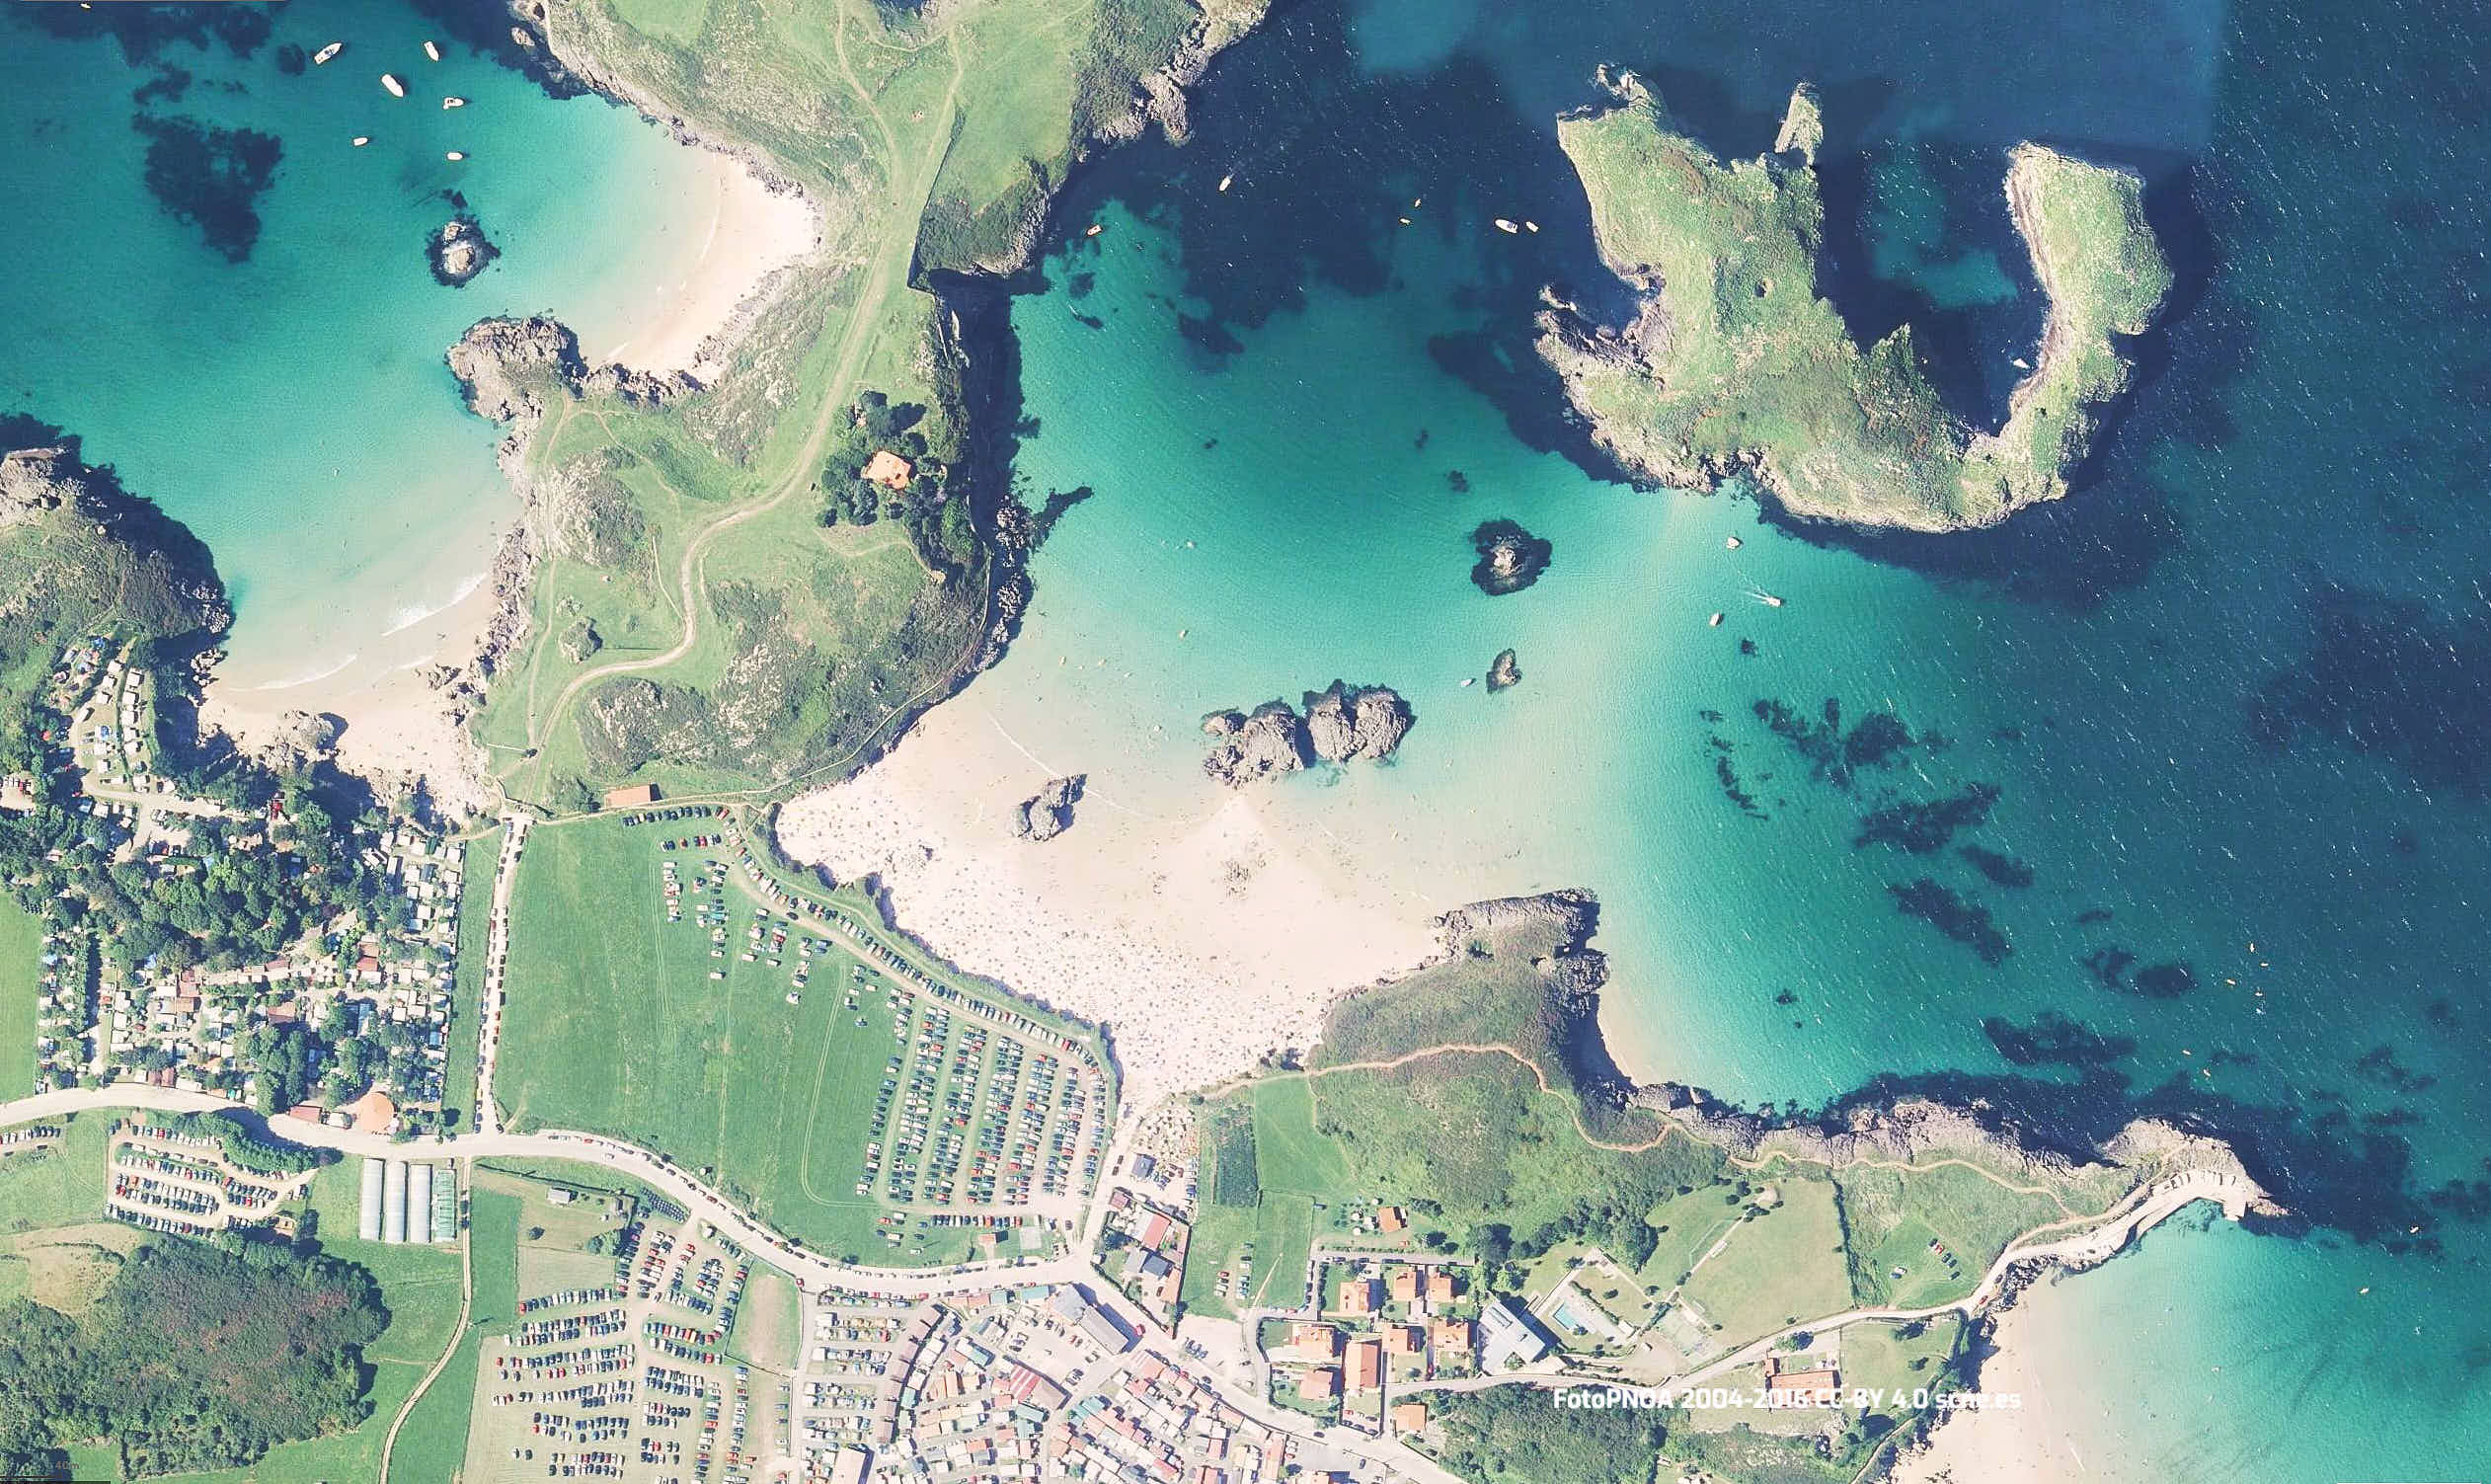 Vista aérea de la playa de Borizo en Llanes, Asturias